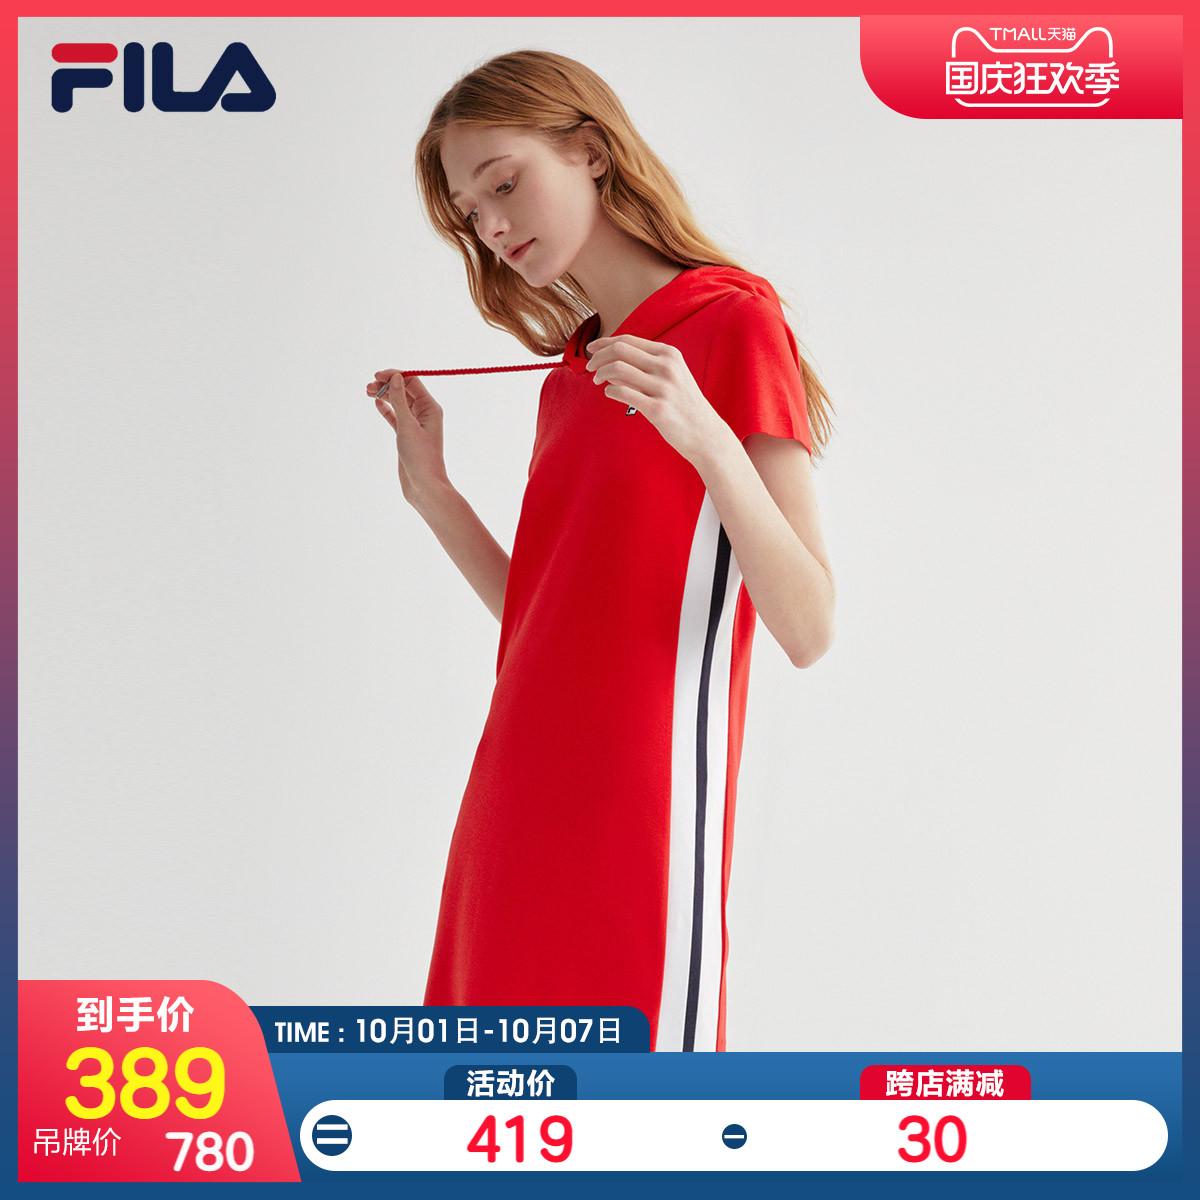 FILA 斐乐官方 高圆圆同款 女子连衣裙 2020夏季连帽短袖连衣裙